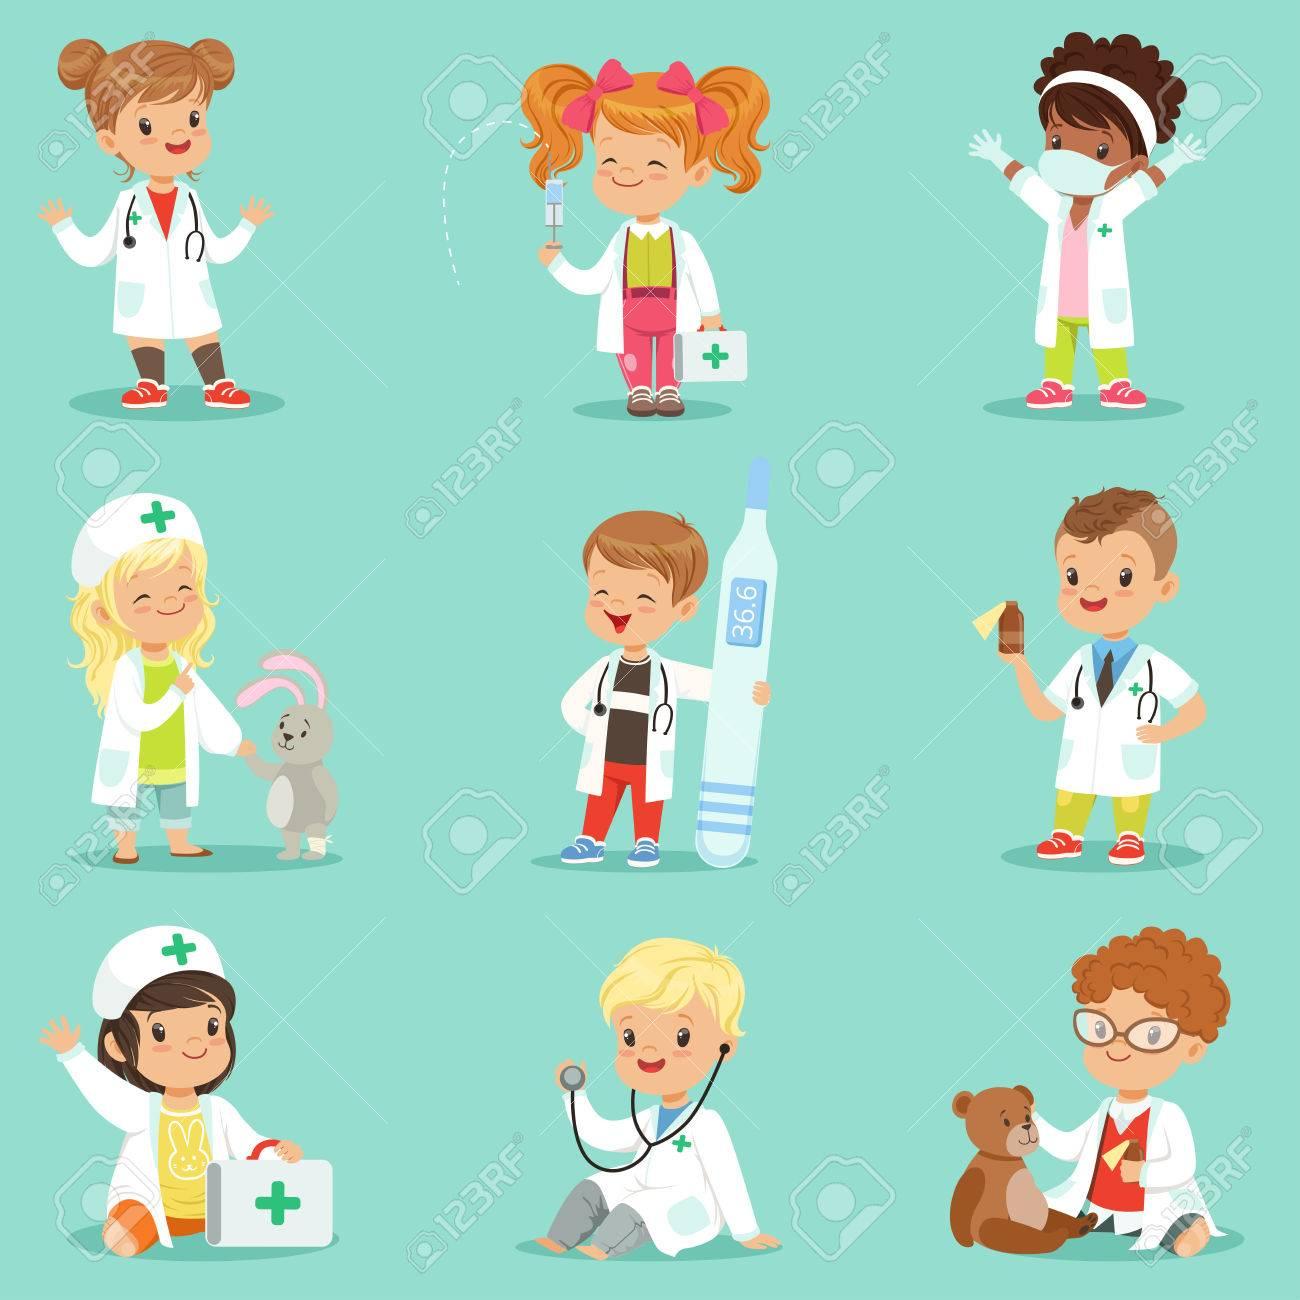 Equipo Los Jugando Pequeños Niñas Con Conjunto Y Como MédicoSonriendo Adorable El De Juguete Vestidos Niños Médico Médicos Las W9YbeHEID2